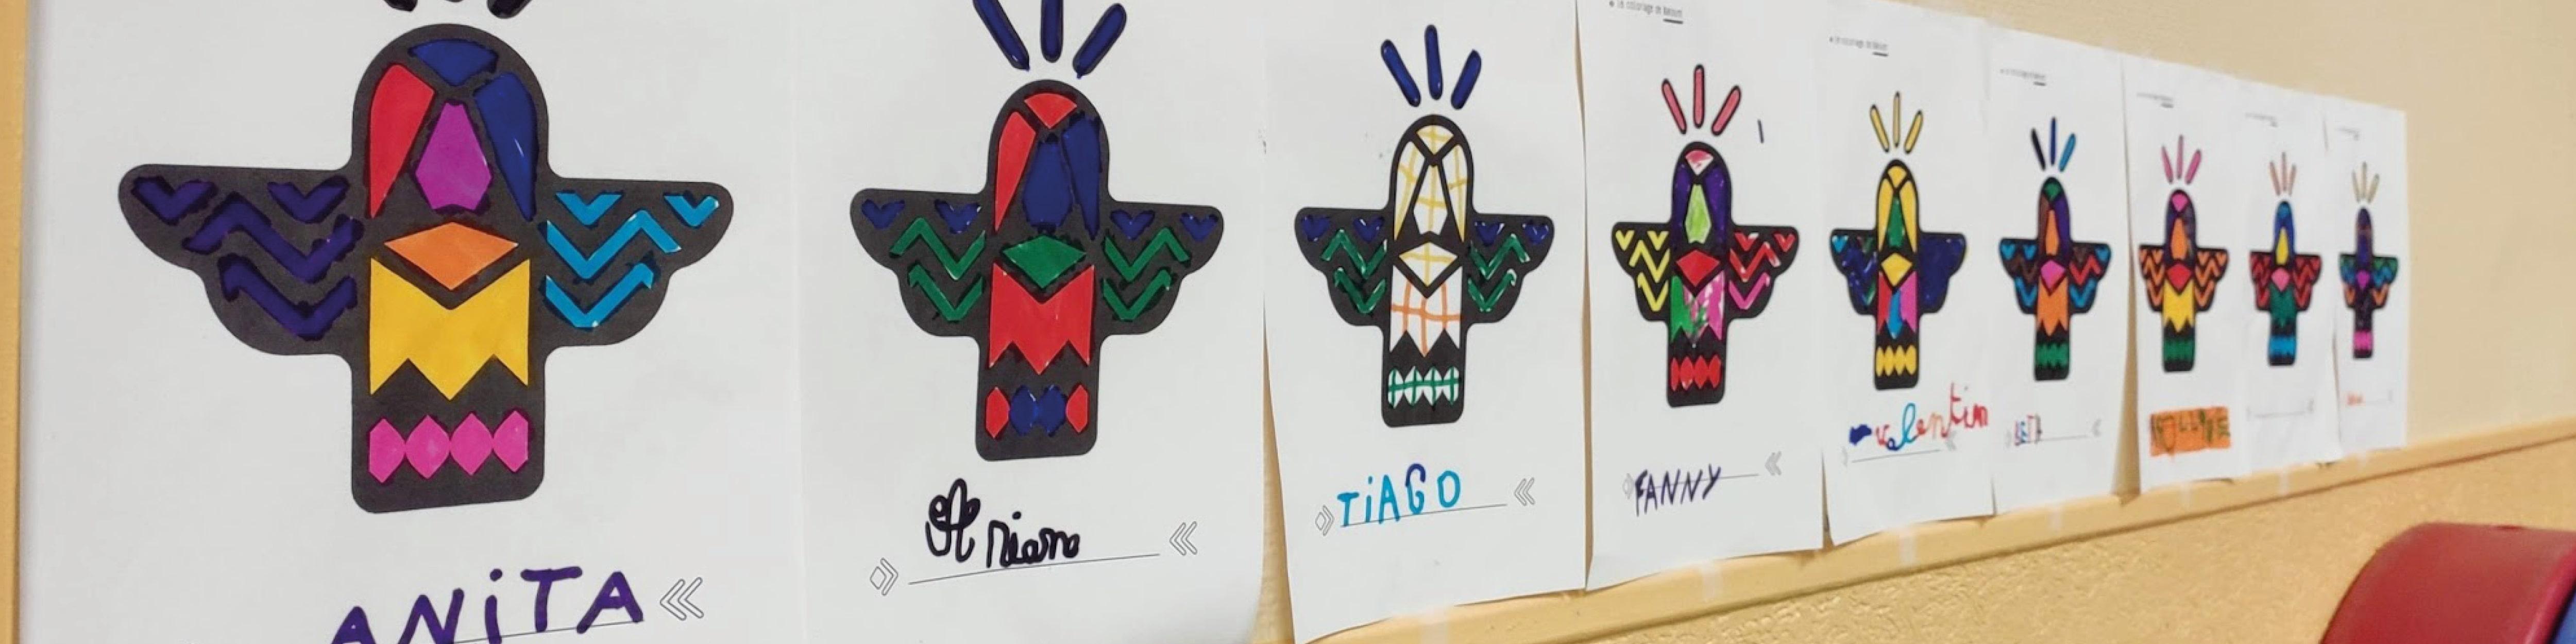 Les coloriages de Nakoum dans une école de la ville d'Arras